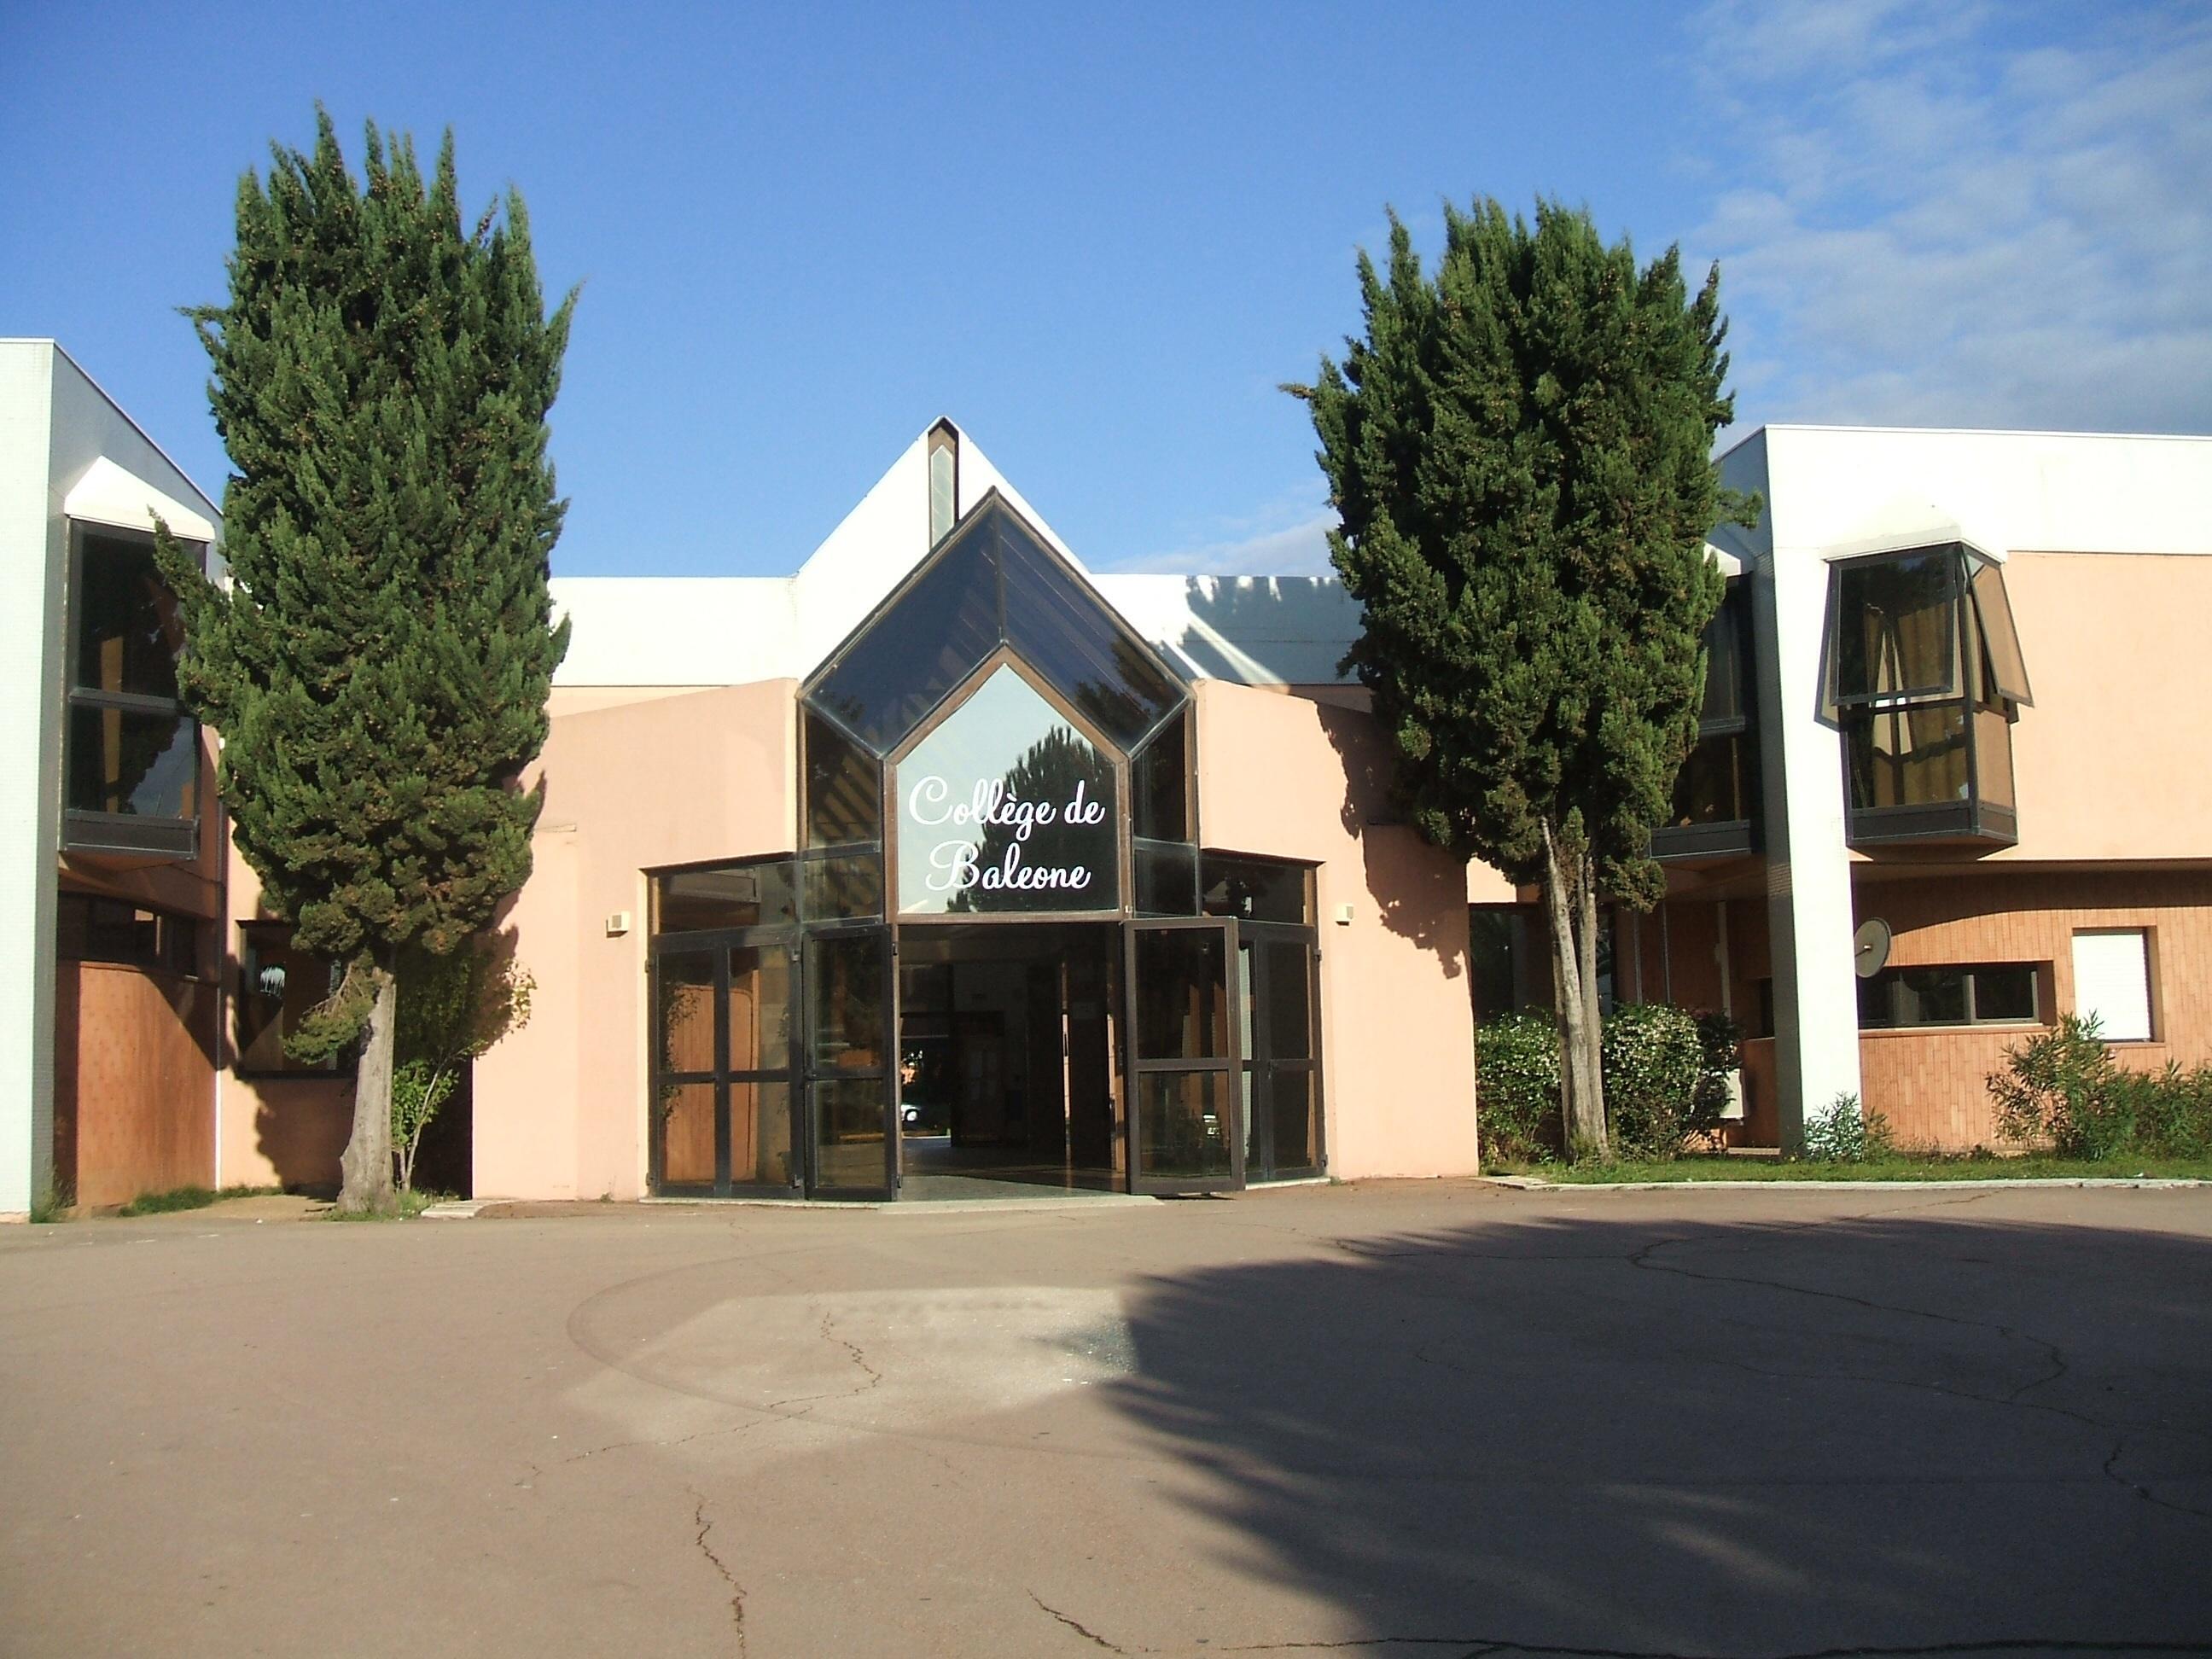 Collège de Baleone : La contamination alimentaire démentie par les analyses